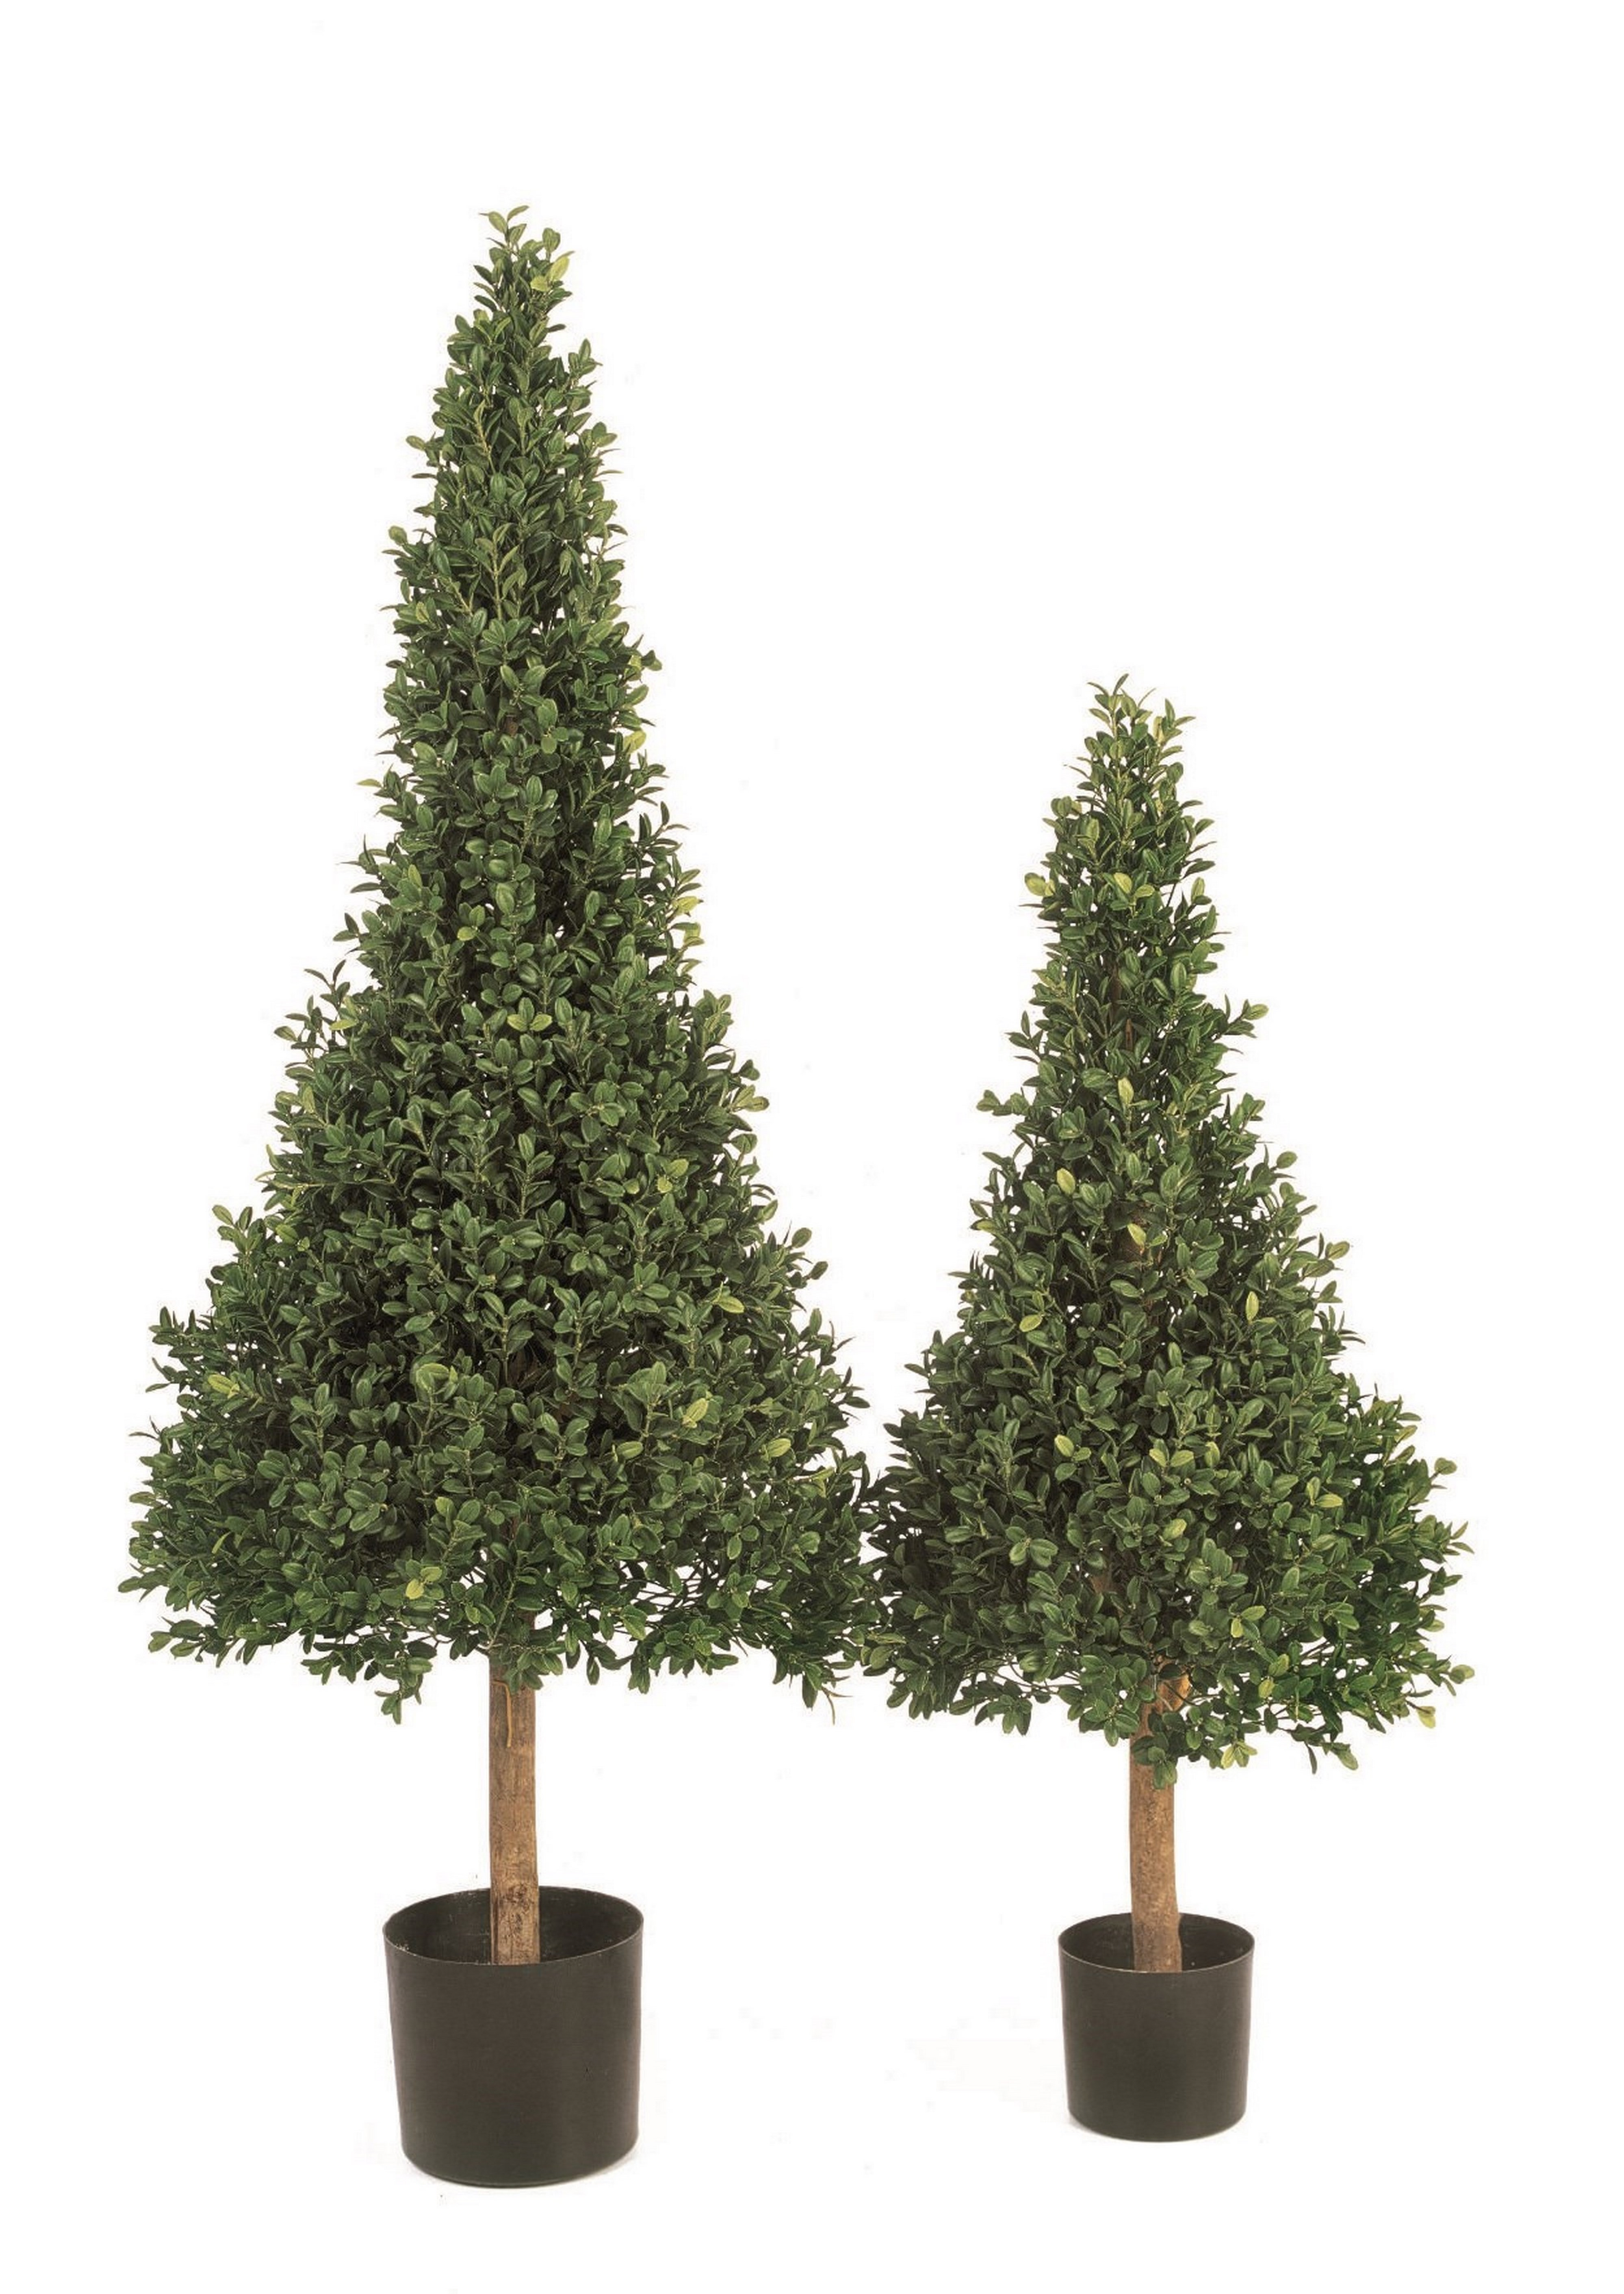 buxus pyramide buchsbaum kunstpflanze im topf palmenmarkt. Black Bedroom Furniture Sets. Home Design Ideas